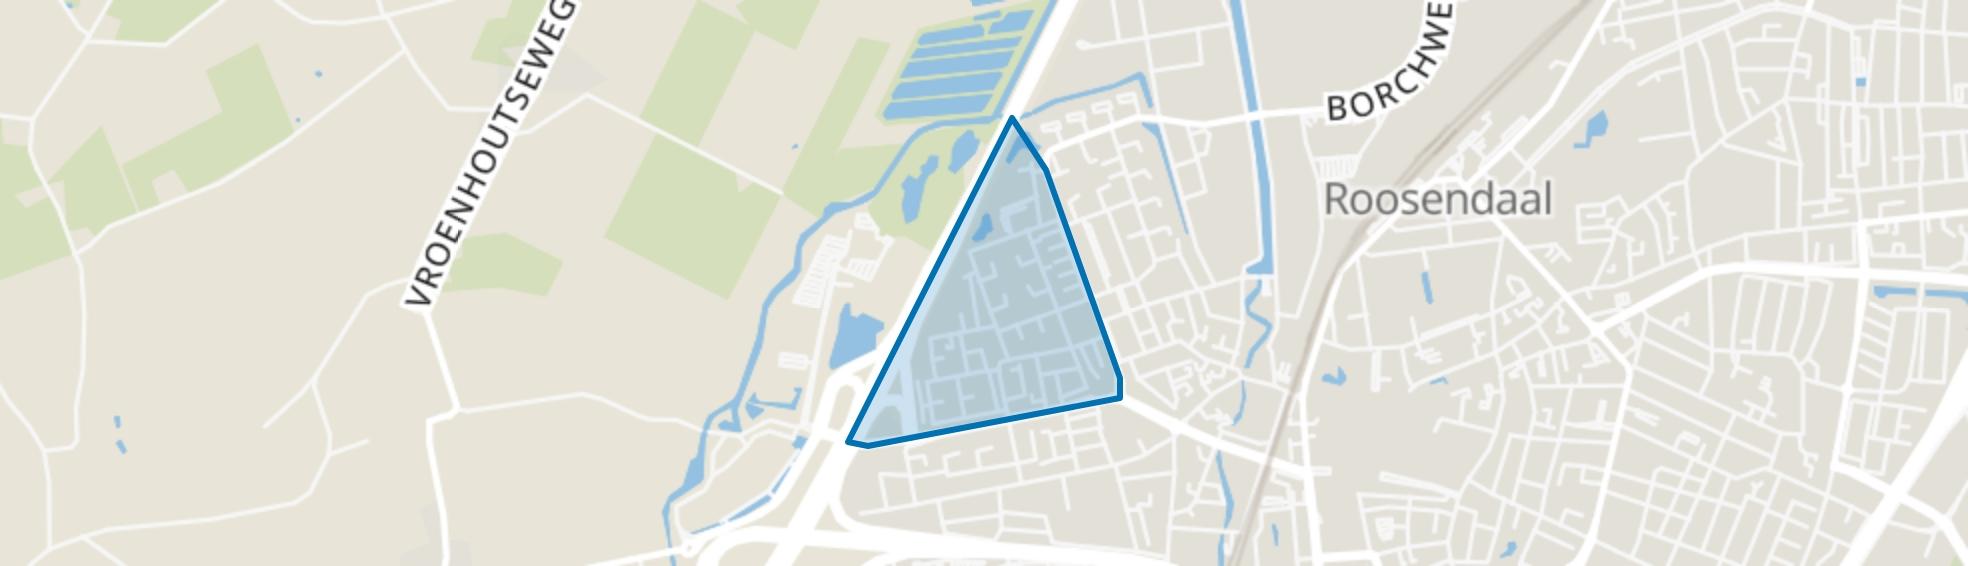 Ettingen, Roosendaal map